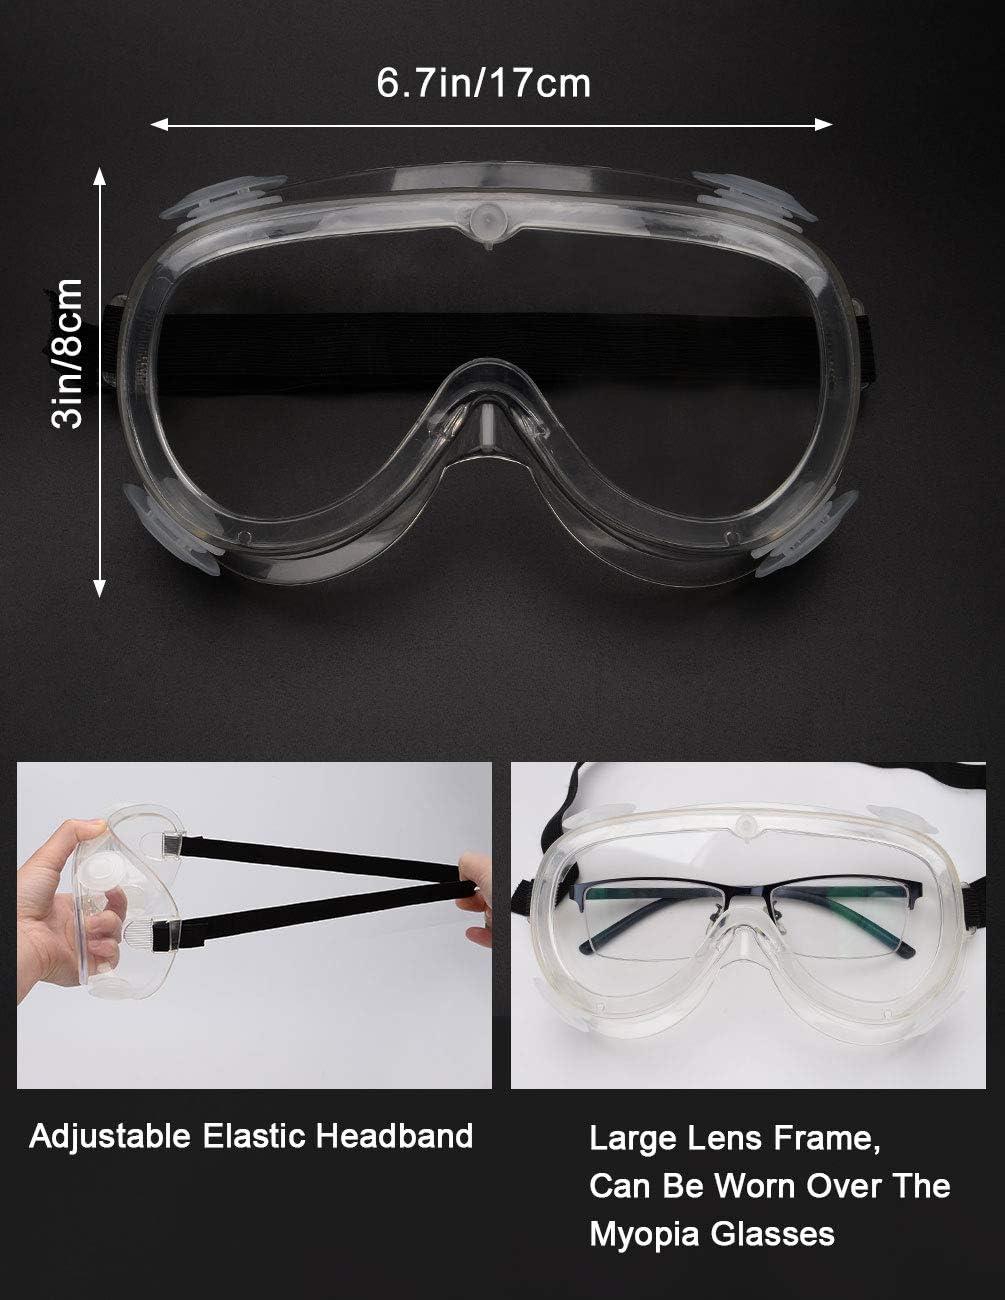 Mujeres y J/óvenes Maylisacc 2 Pack Gafas Protectoras Trabajo Gafas de Seguridad Transparentes Ajustables Protecci/ón Antivaho Ligero para Hombres